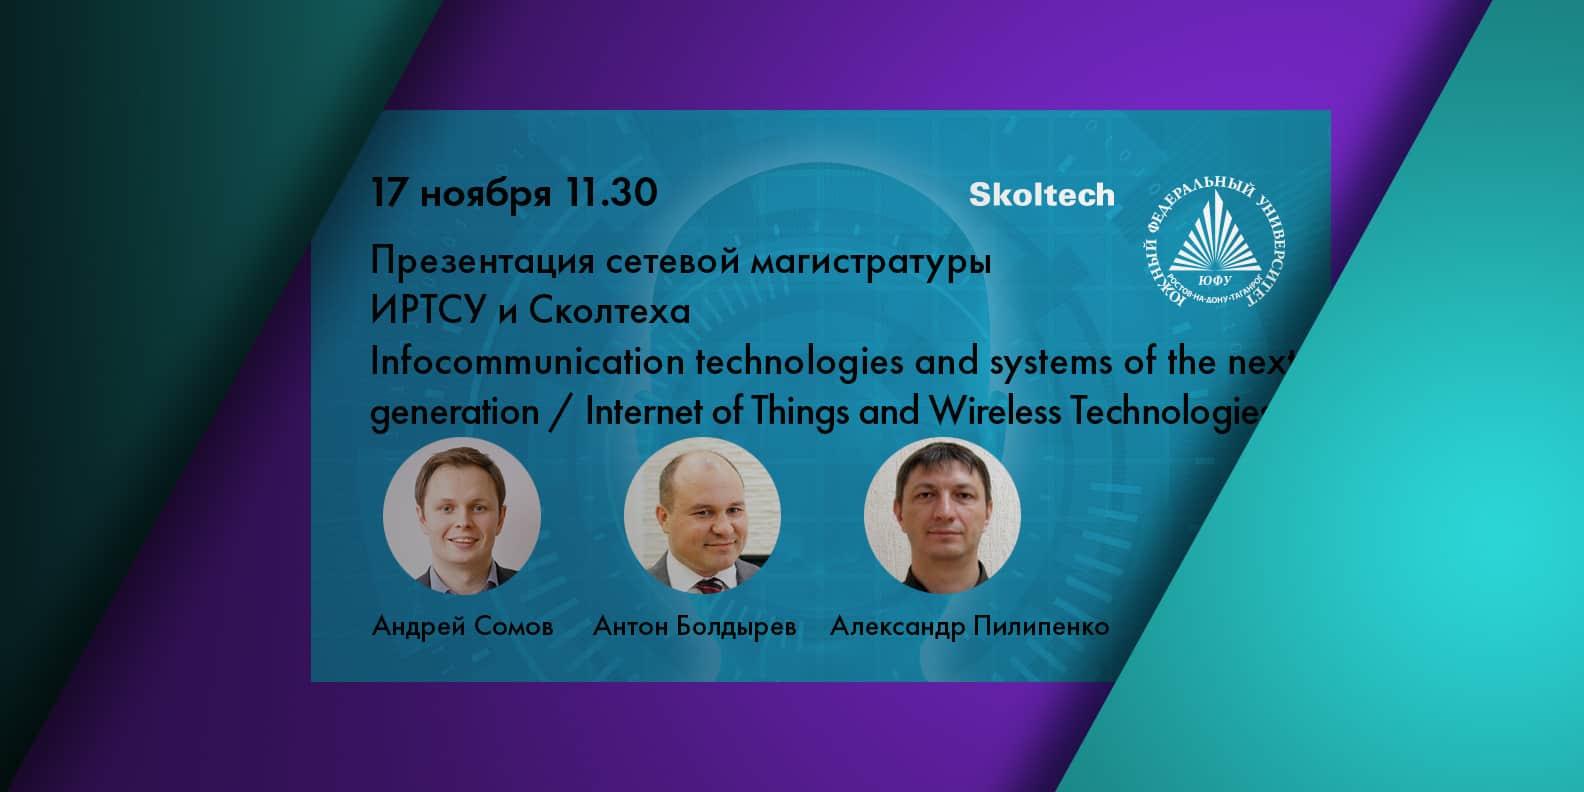 ЮФУ (ИРТСУ) и Сколтех 17 ноября 2020 года презентовали сетевое обучение для магистров в области интернета вещей (IoT) и технологий беспроводной связи и объявили о начале нового набора студентов. На…